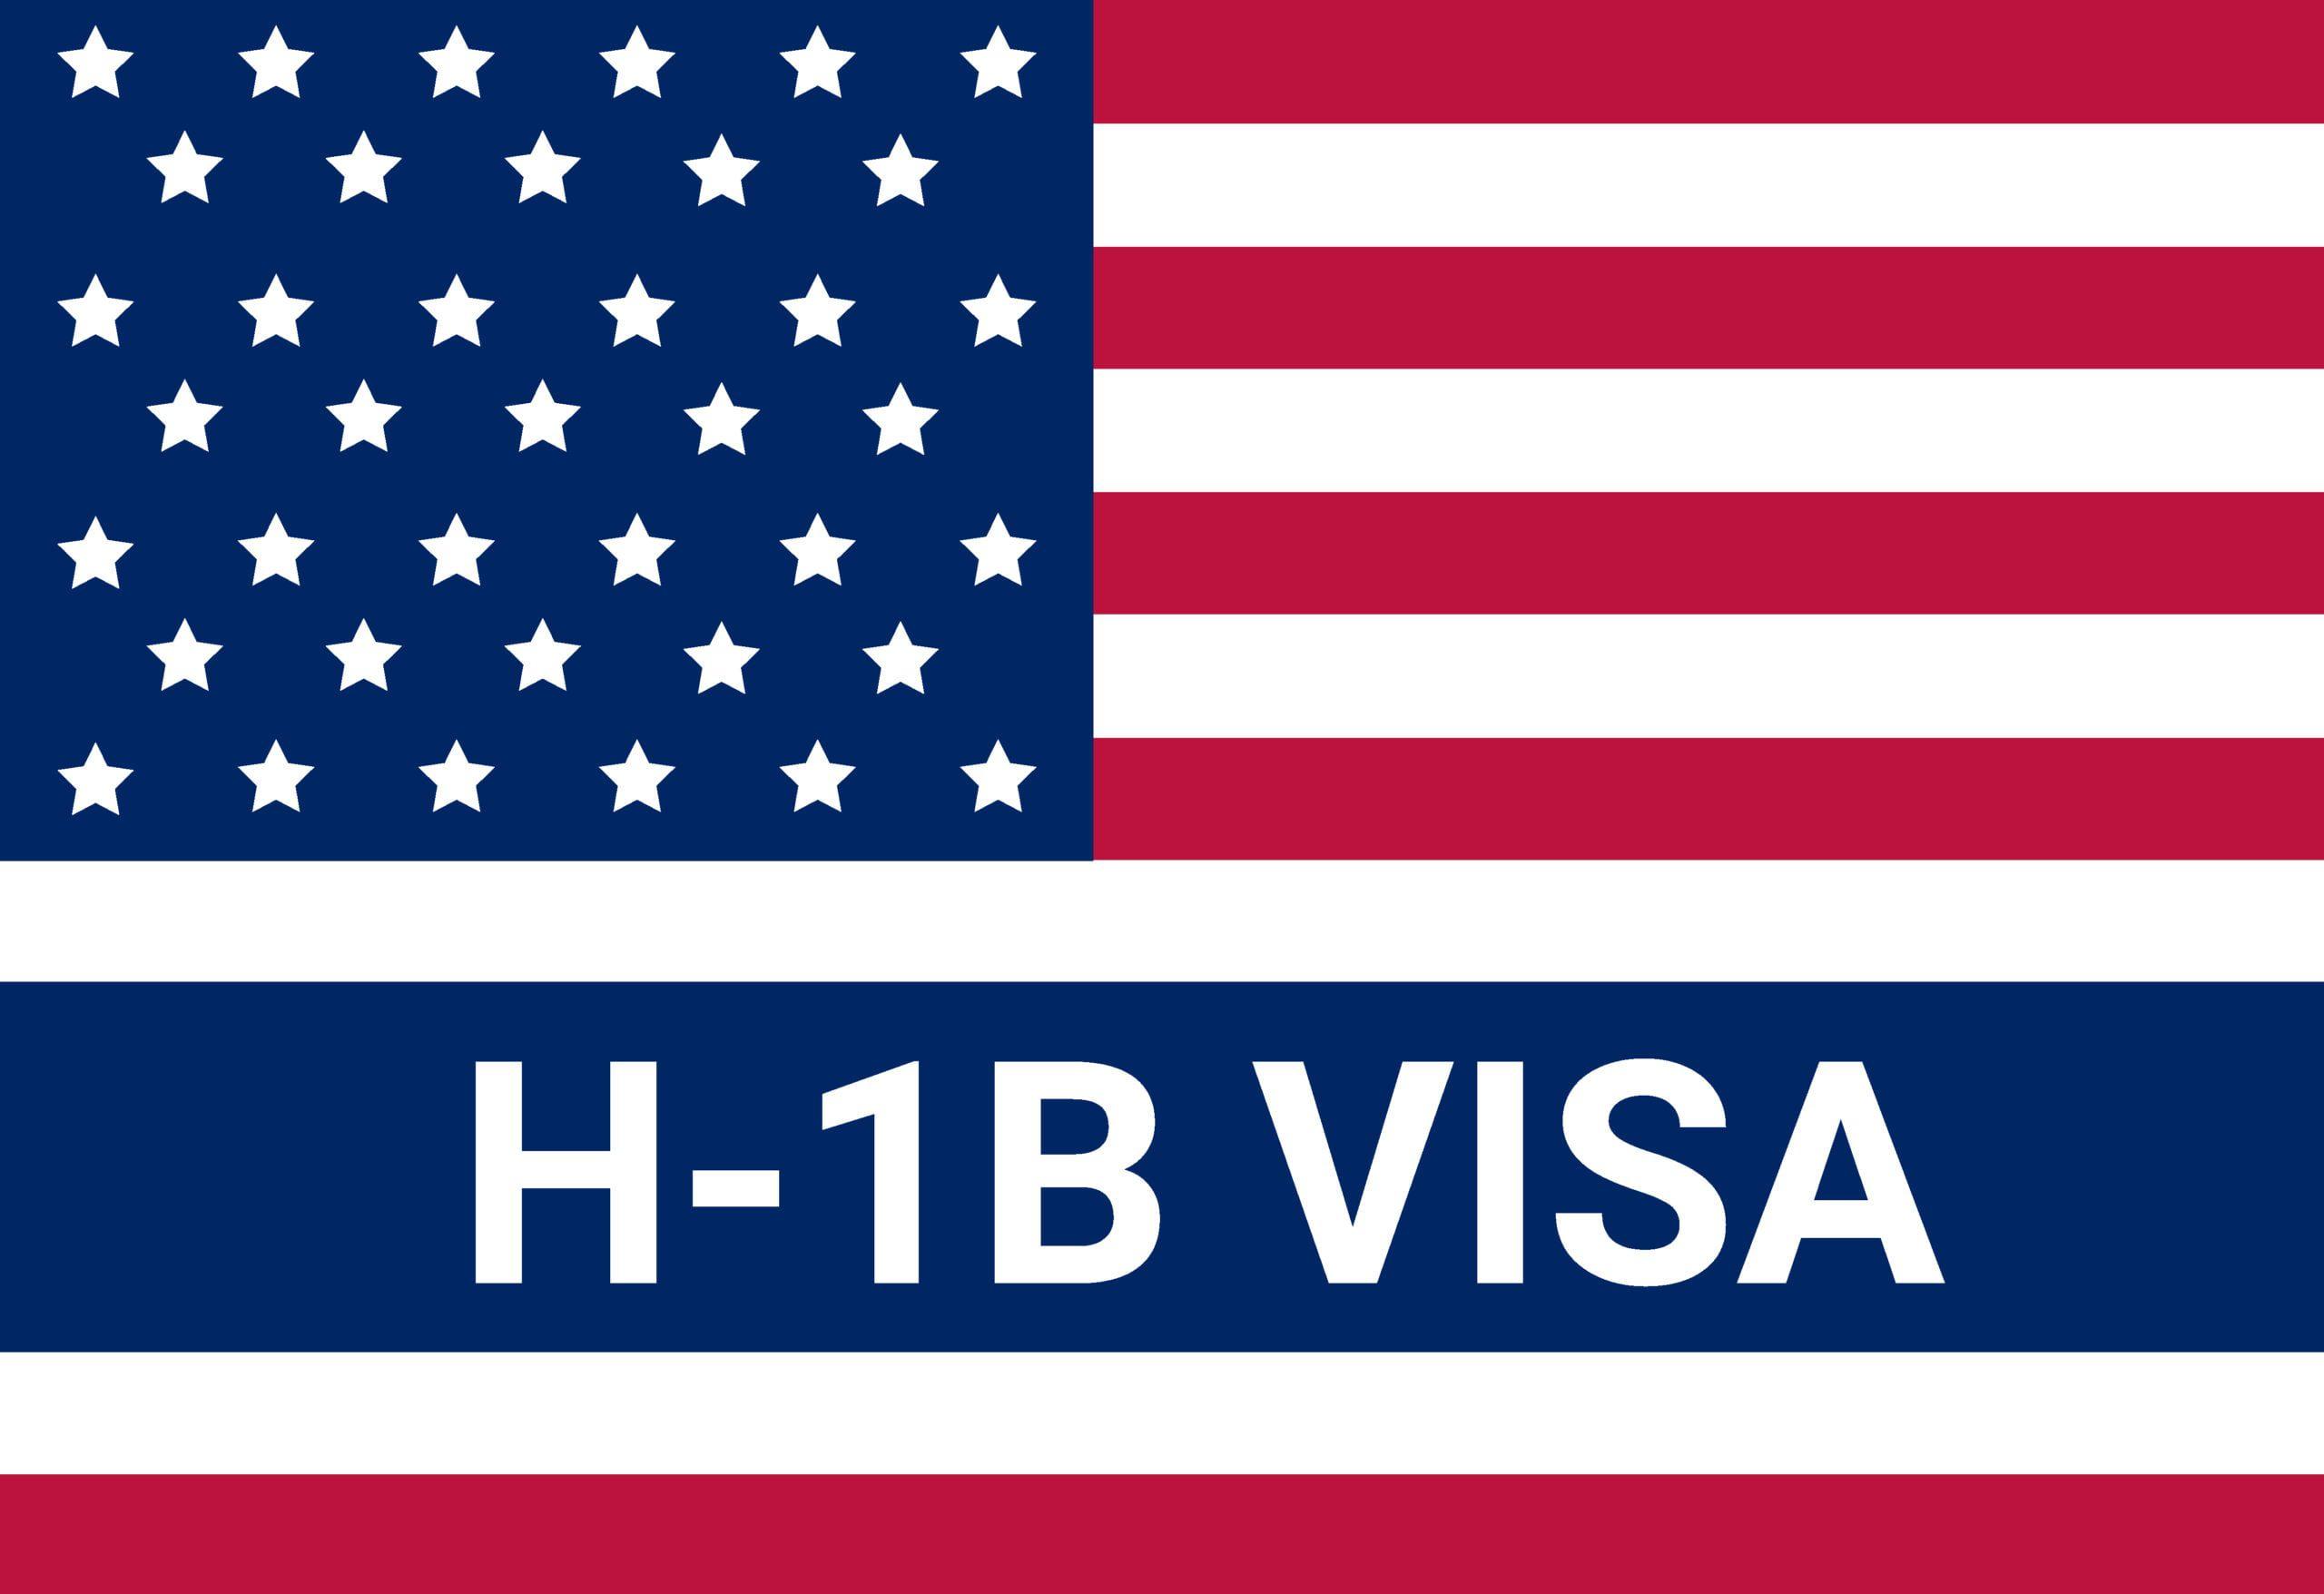 h1b case status